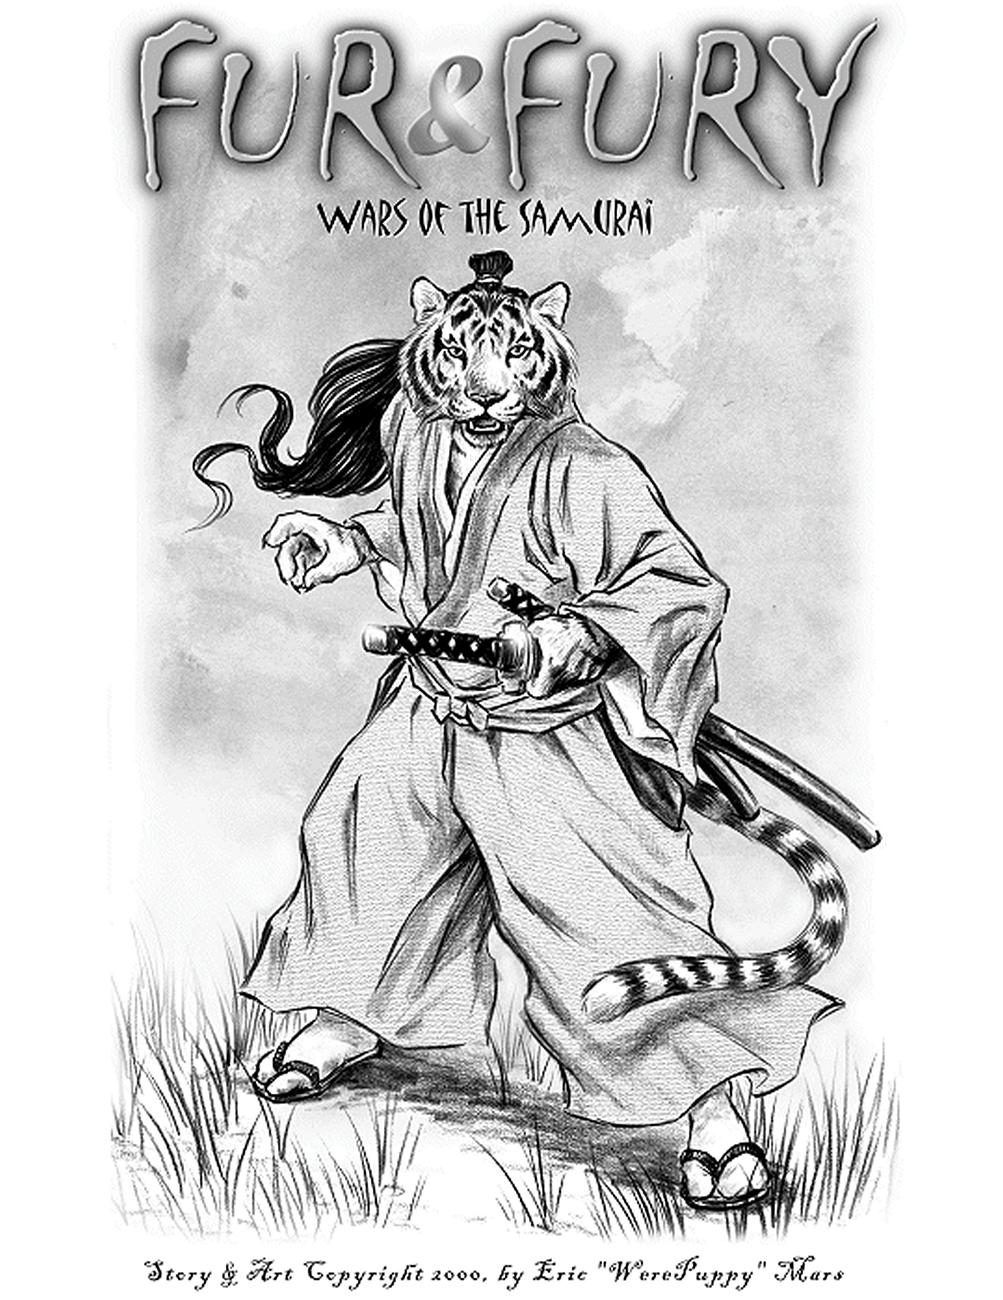 Fur & Fury 1 – Wars Of The Samurai gay furry comic